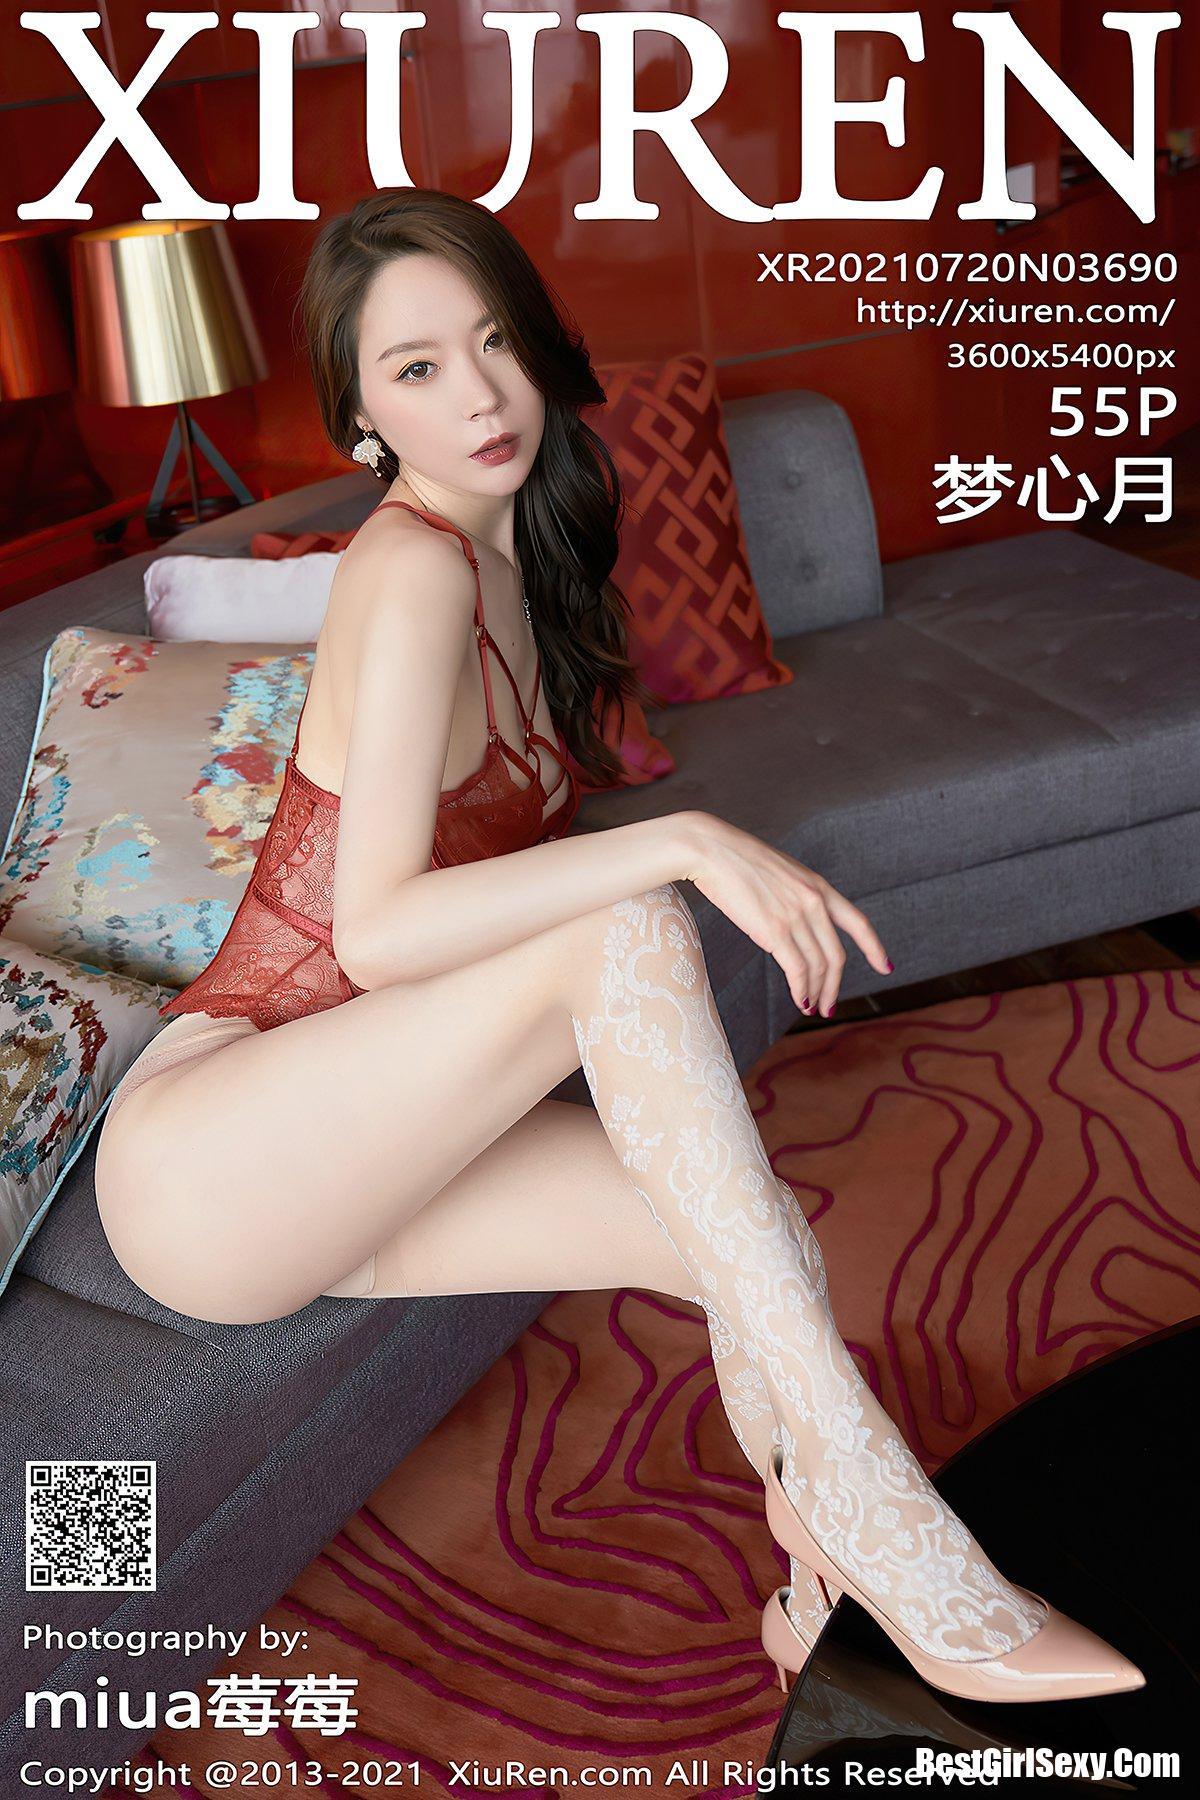 XiuRen秀人网 No.3690 Meng Xin Yue 534